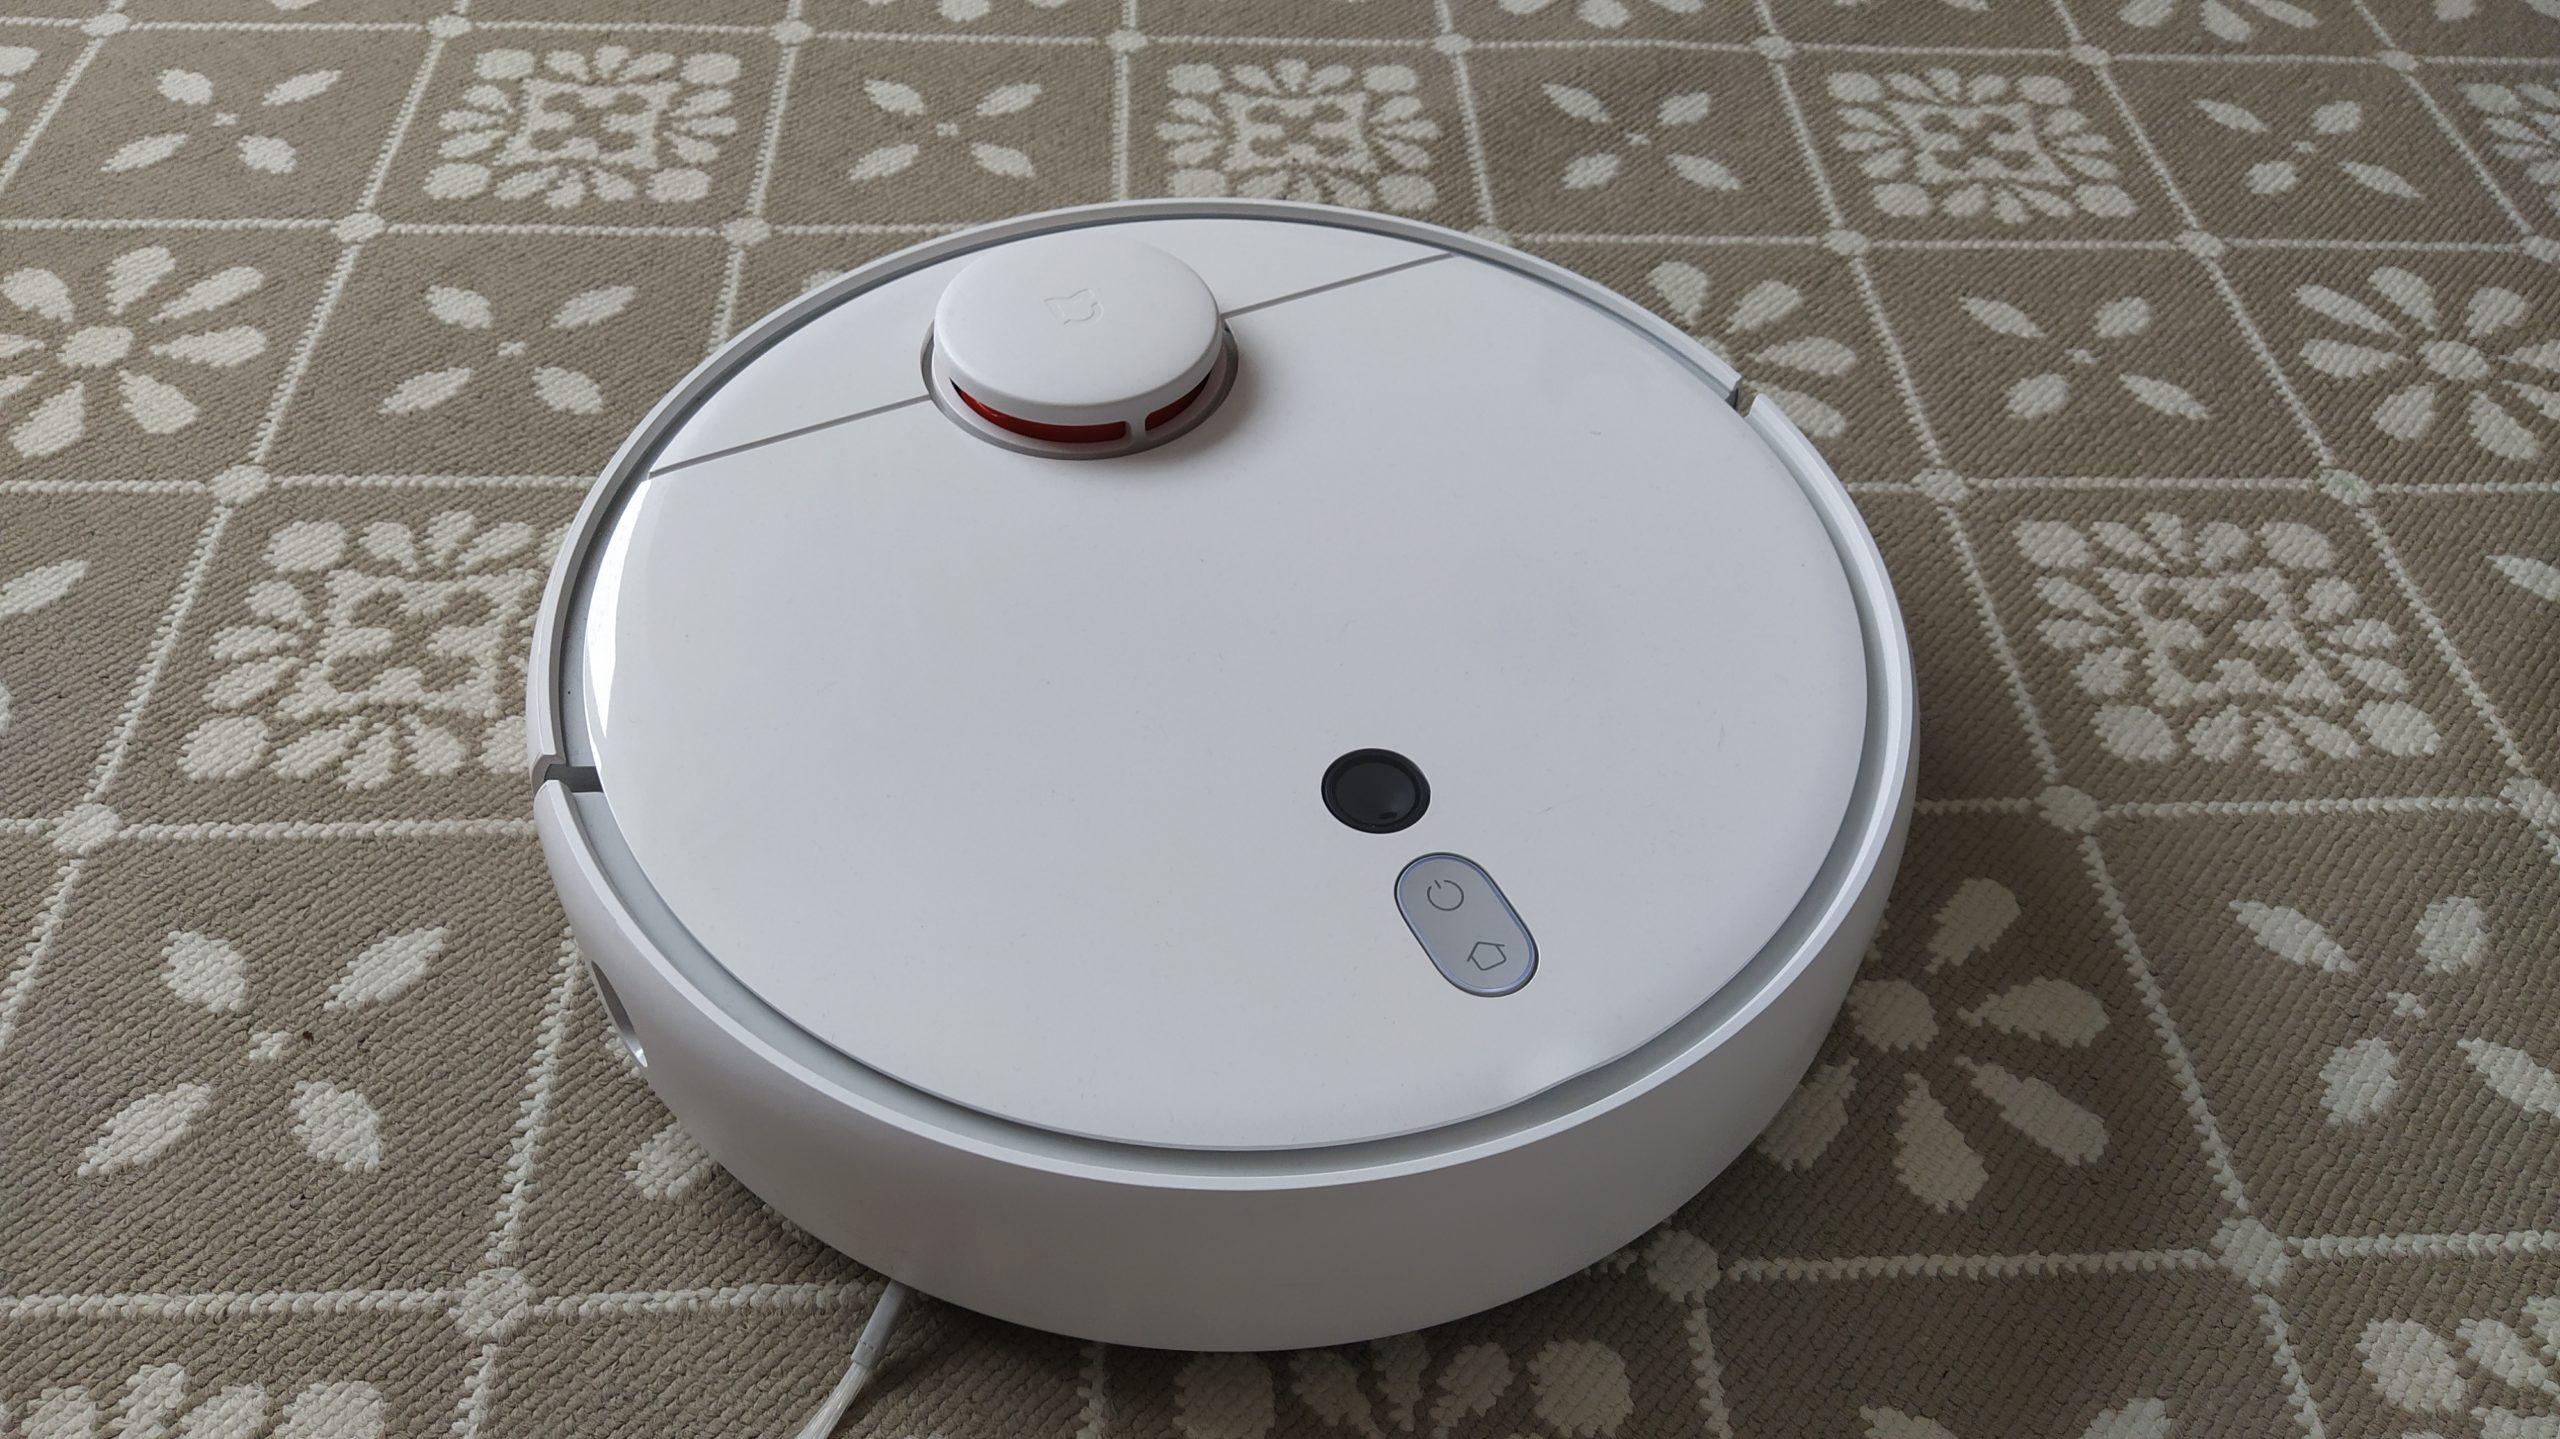 Робот-пылесос Xiaomi Mi Robot Vacuum Cleaner 1S: плюсы и минусы